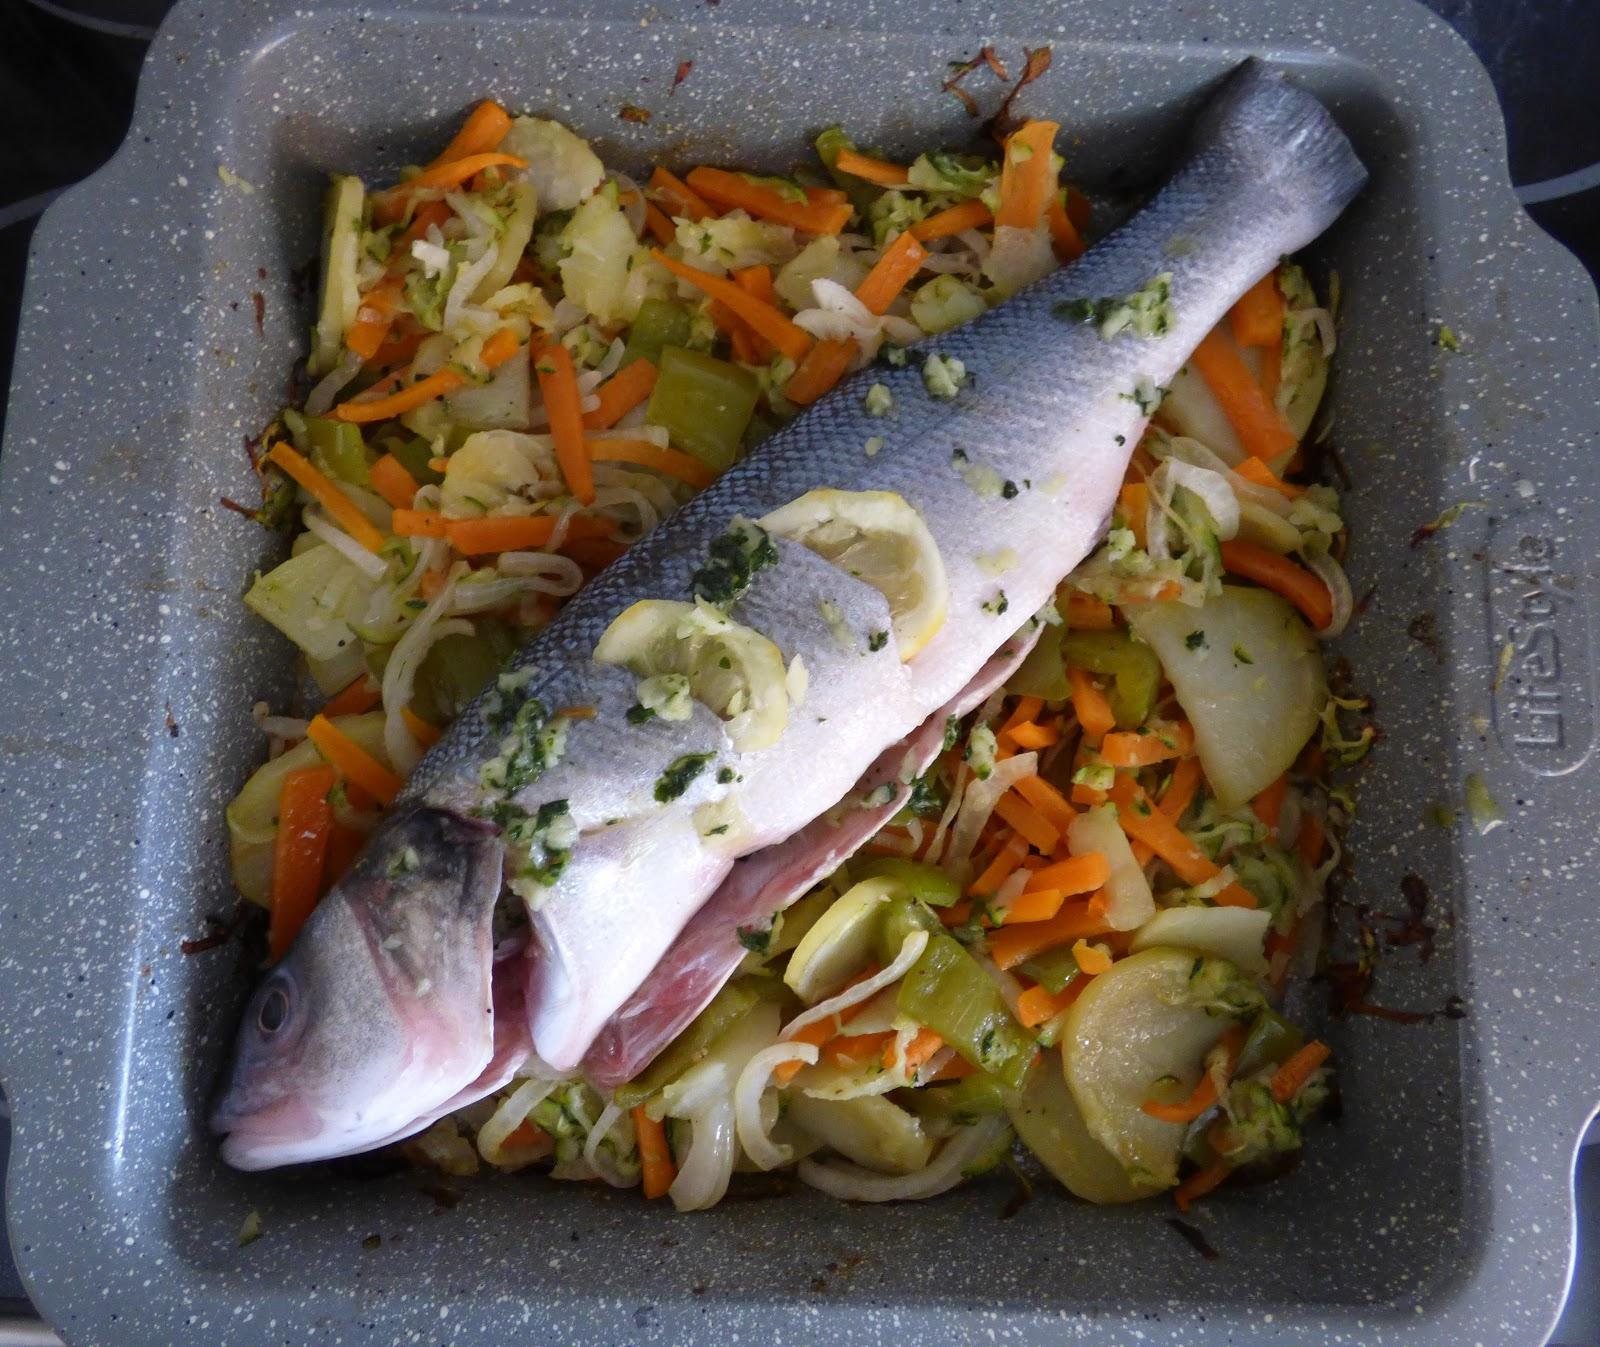 El hornillo de cristi lubina al horno con verduras y - Espuma de limon ...